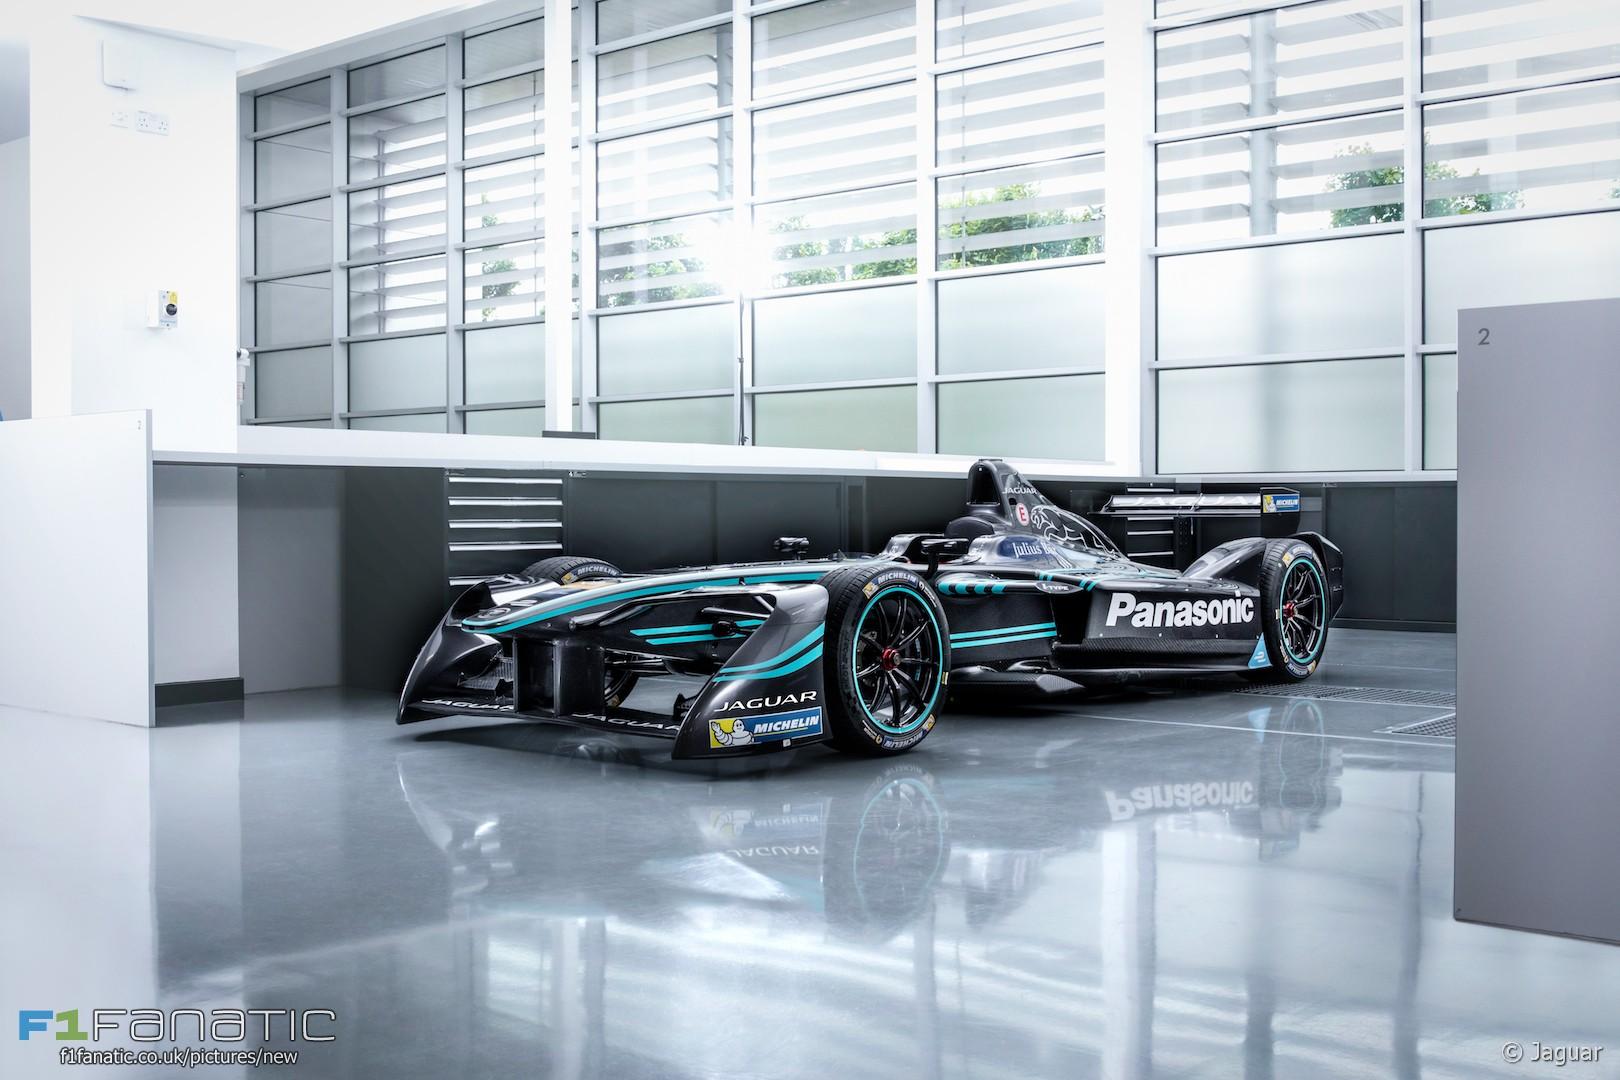 Jaguar Formula E car, 2016-17